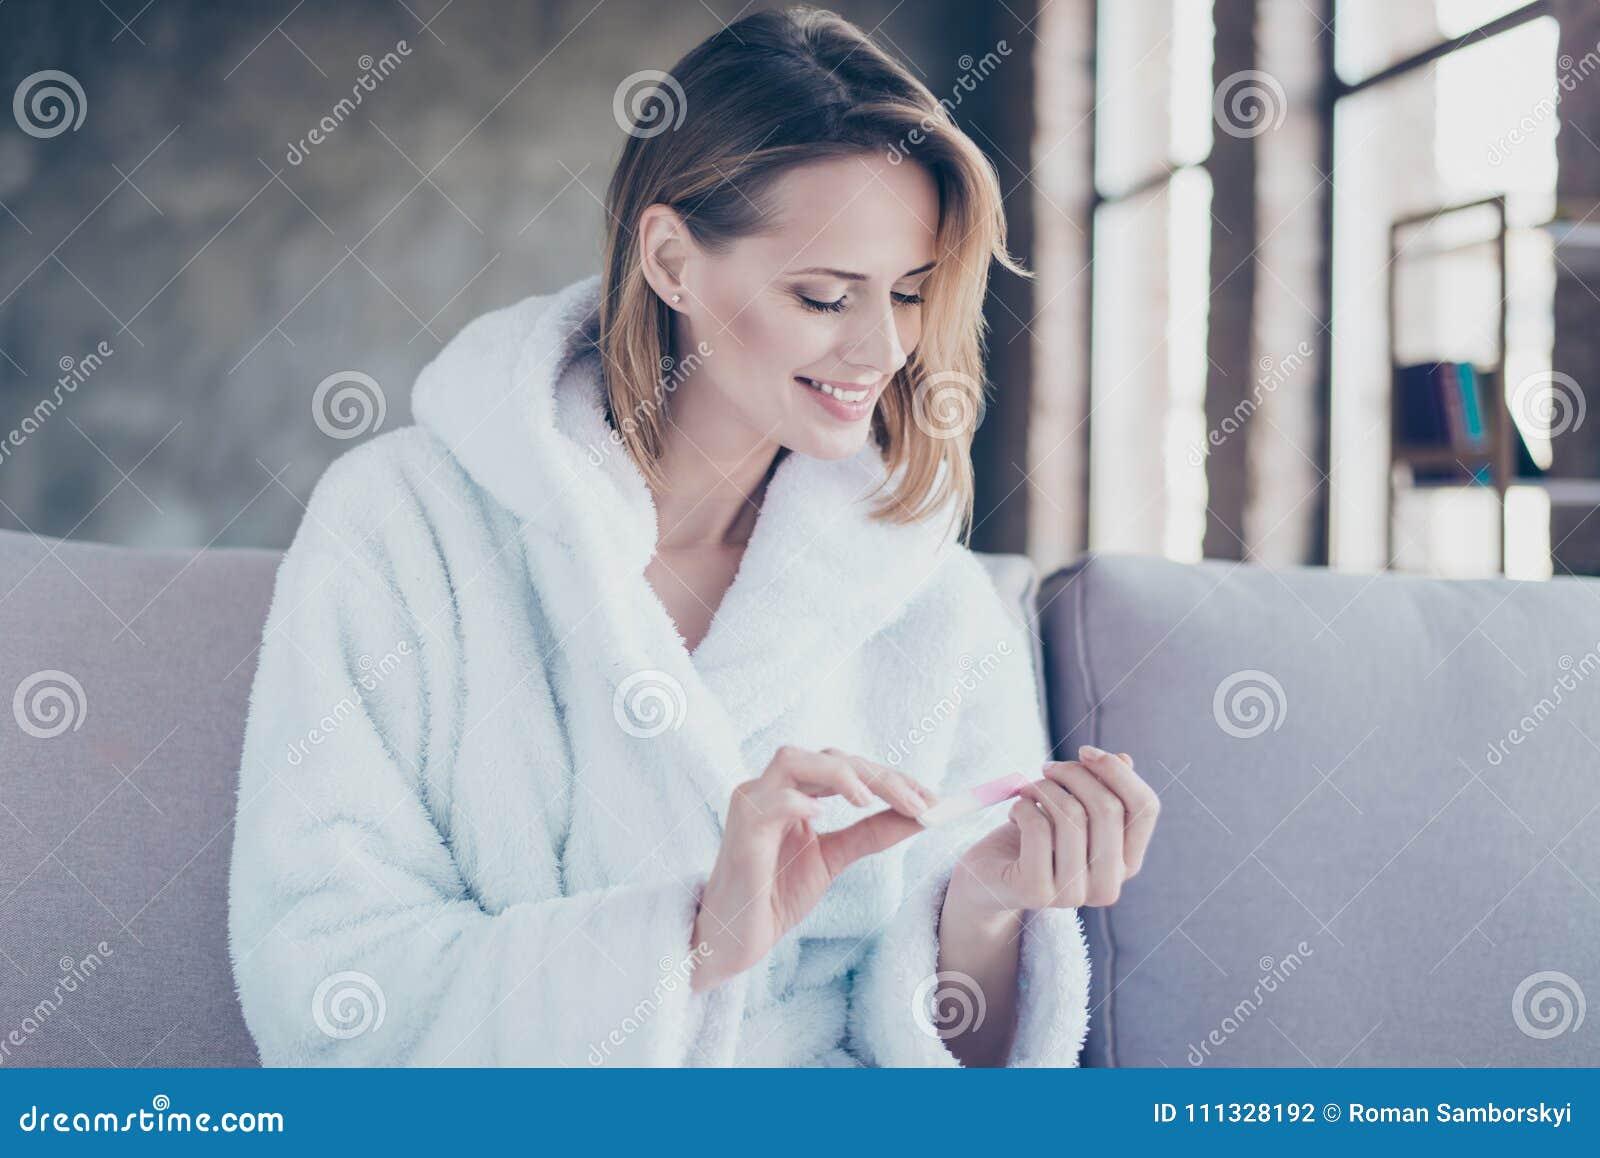 Портрет жизнерадостной счастливой усмехаясь женщины с короткими белокурыми волосами